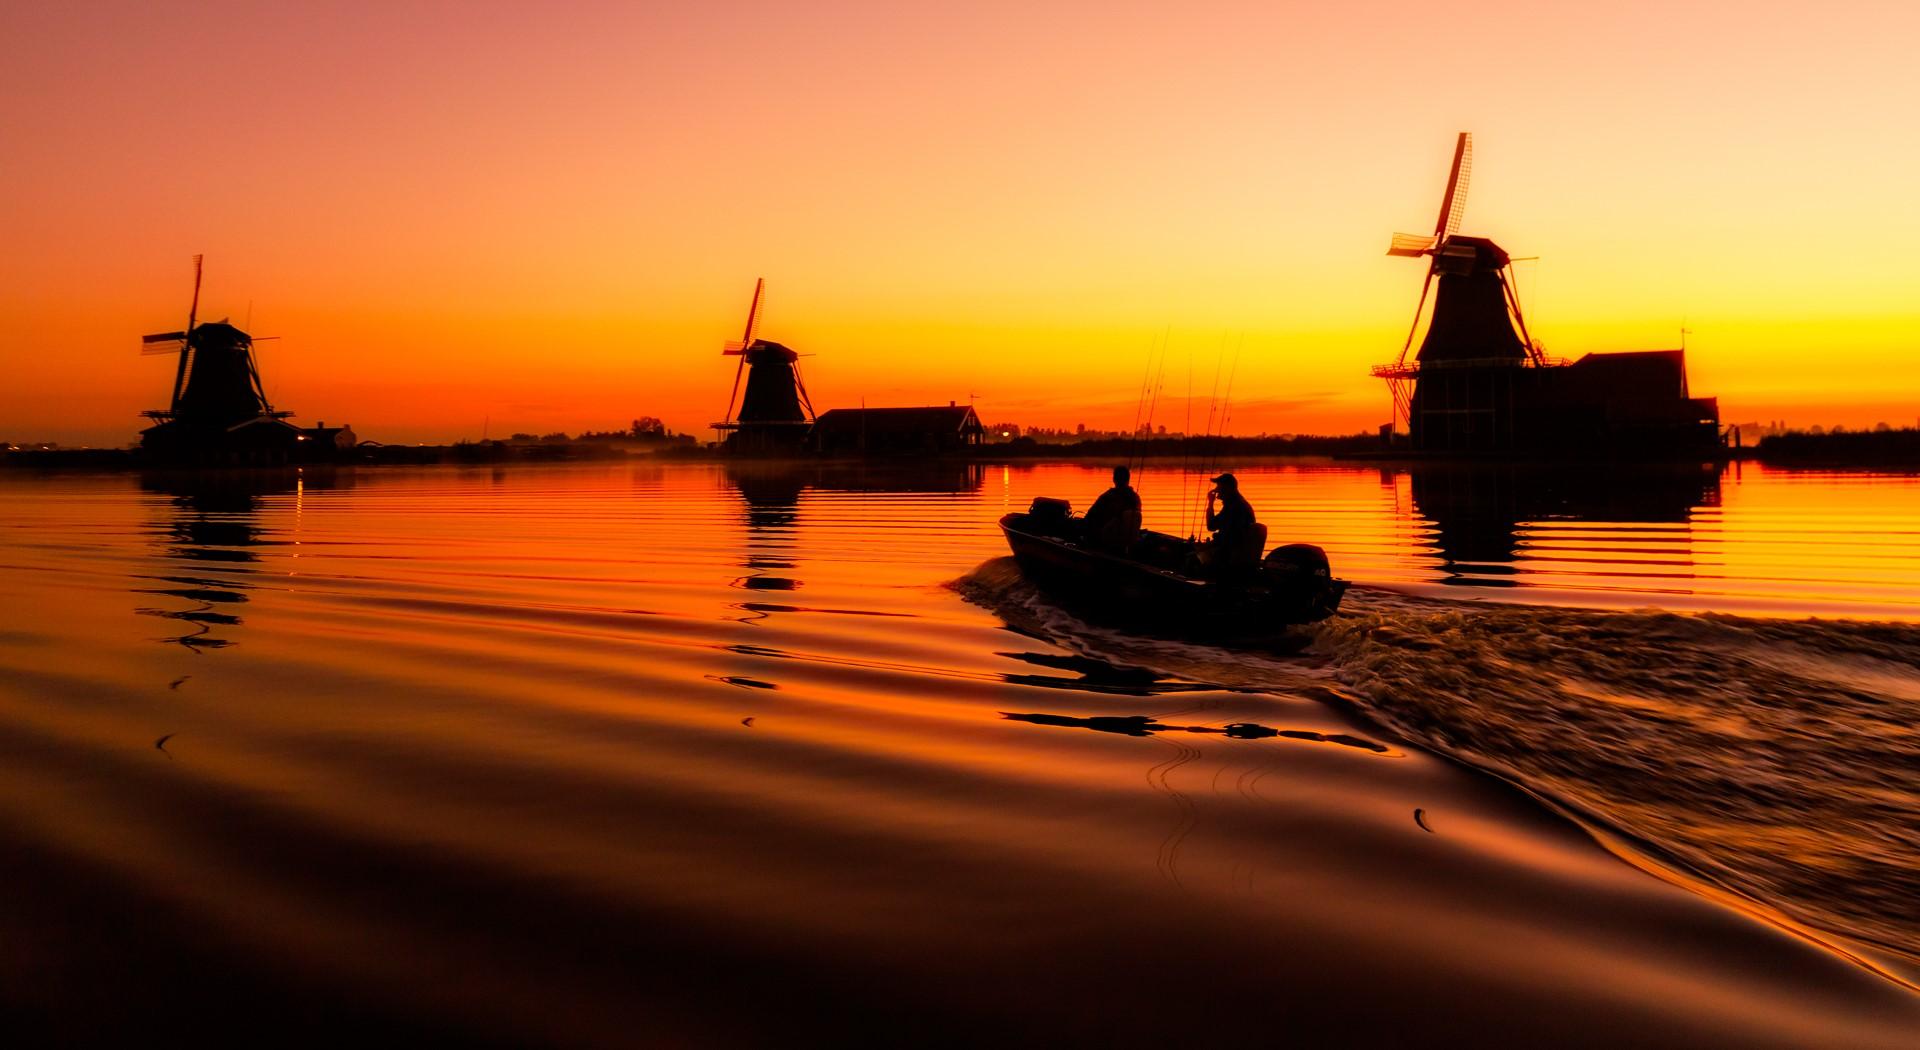 Boot molens